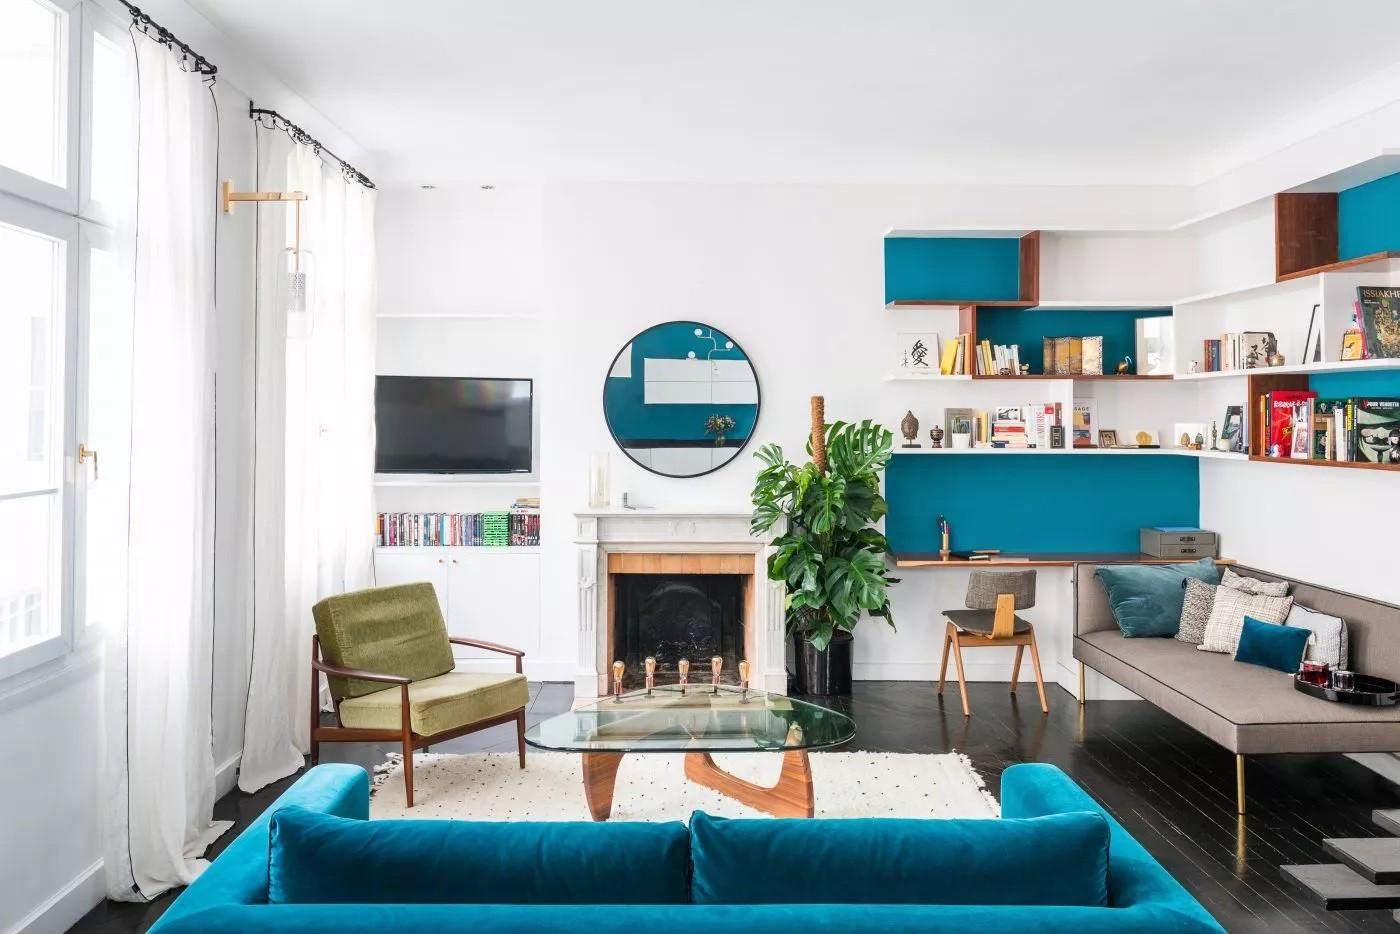 أشكال غرف معيشة مودرن- الأثاث في غرفة المعيشة